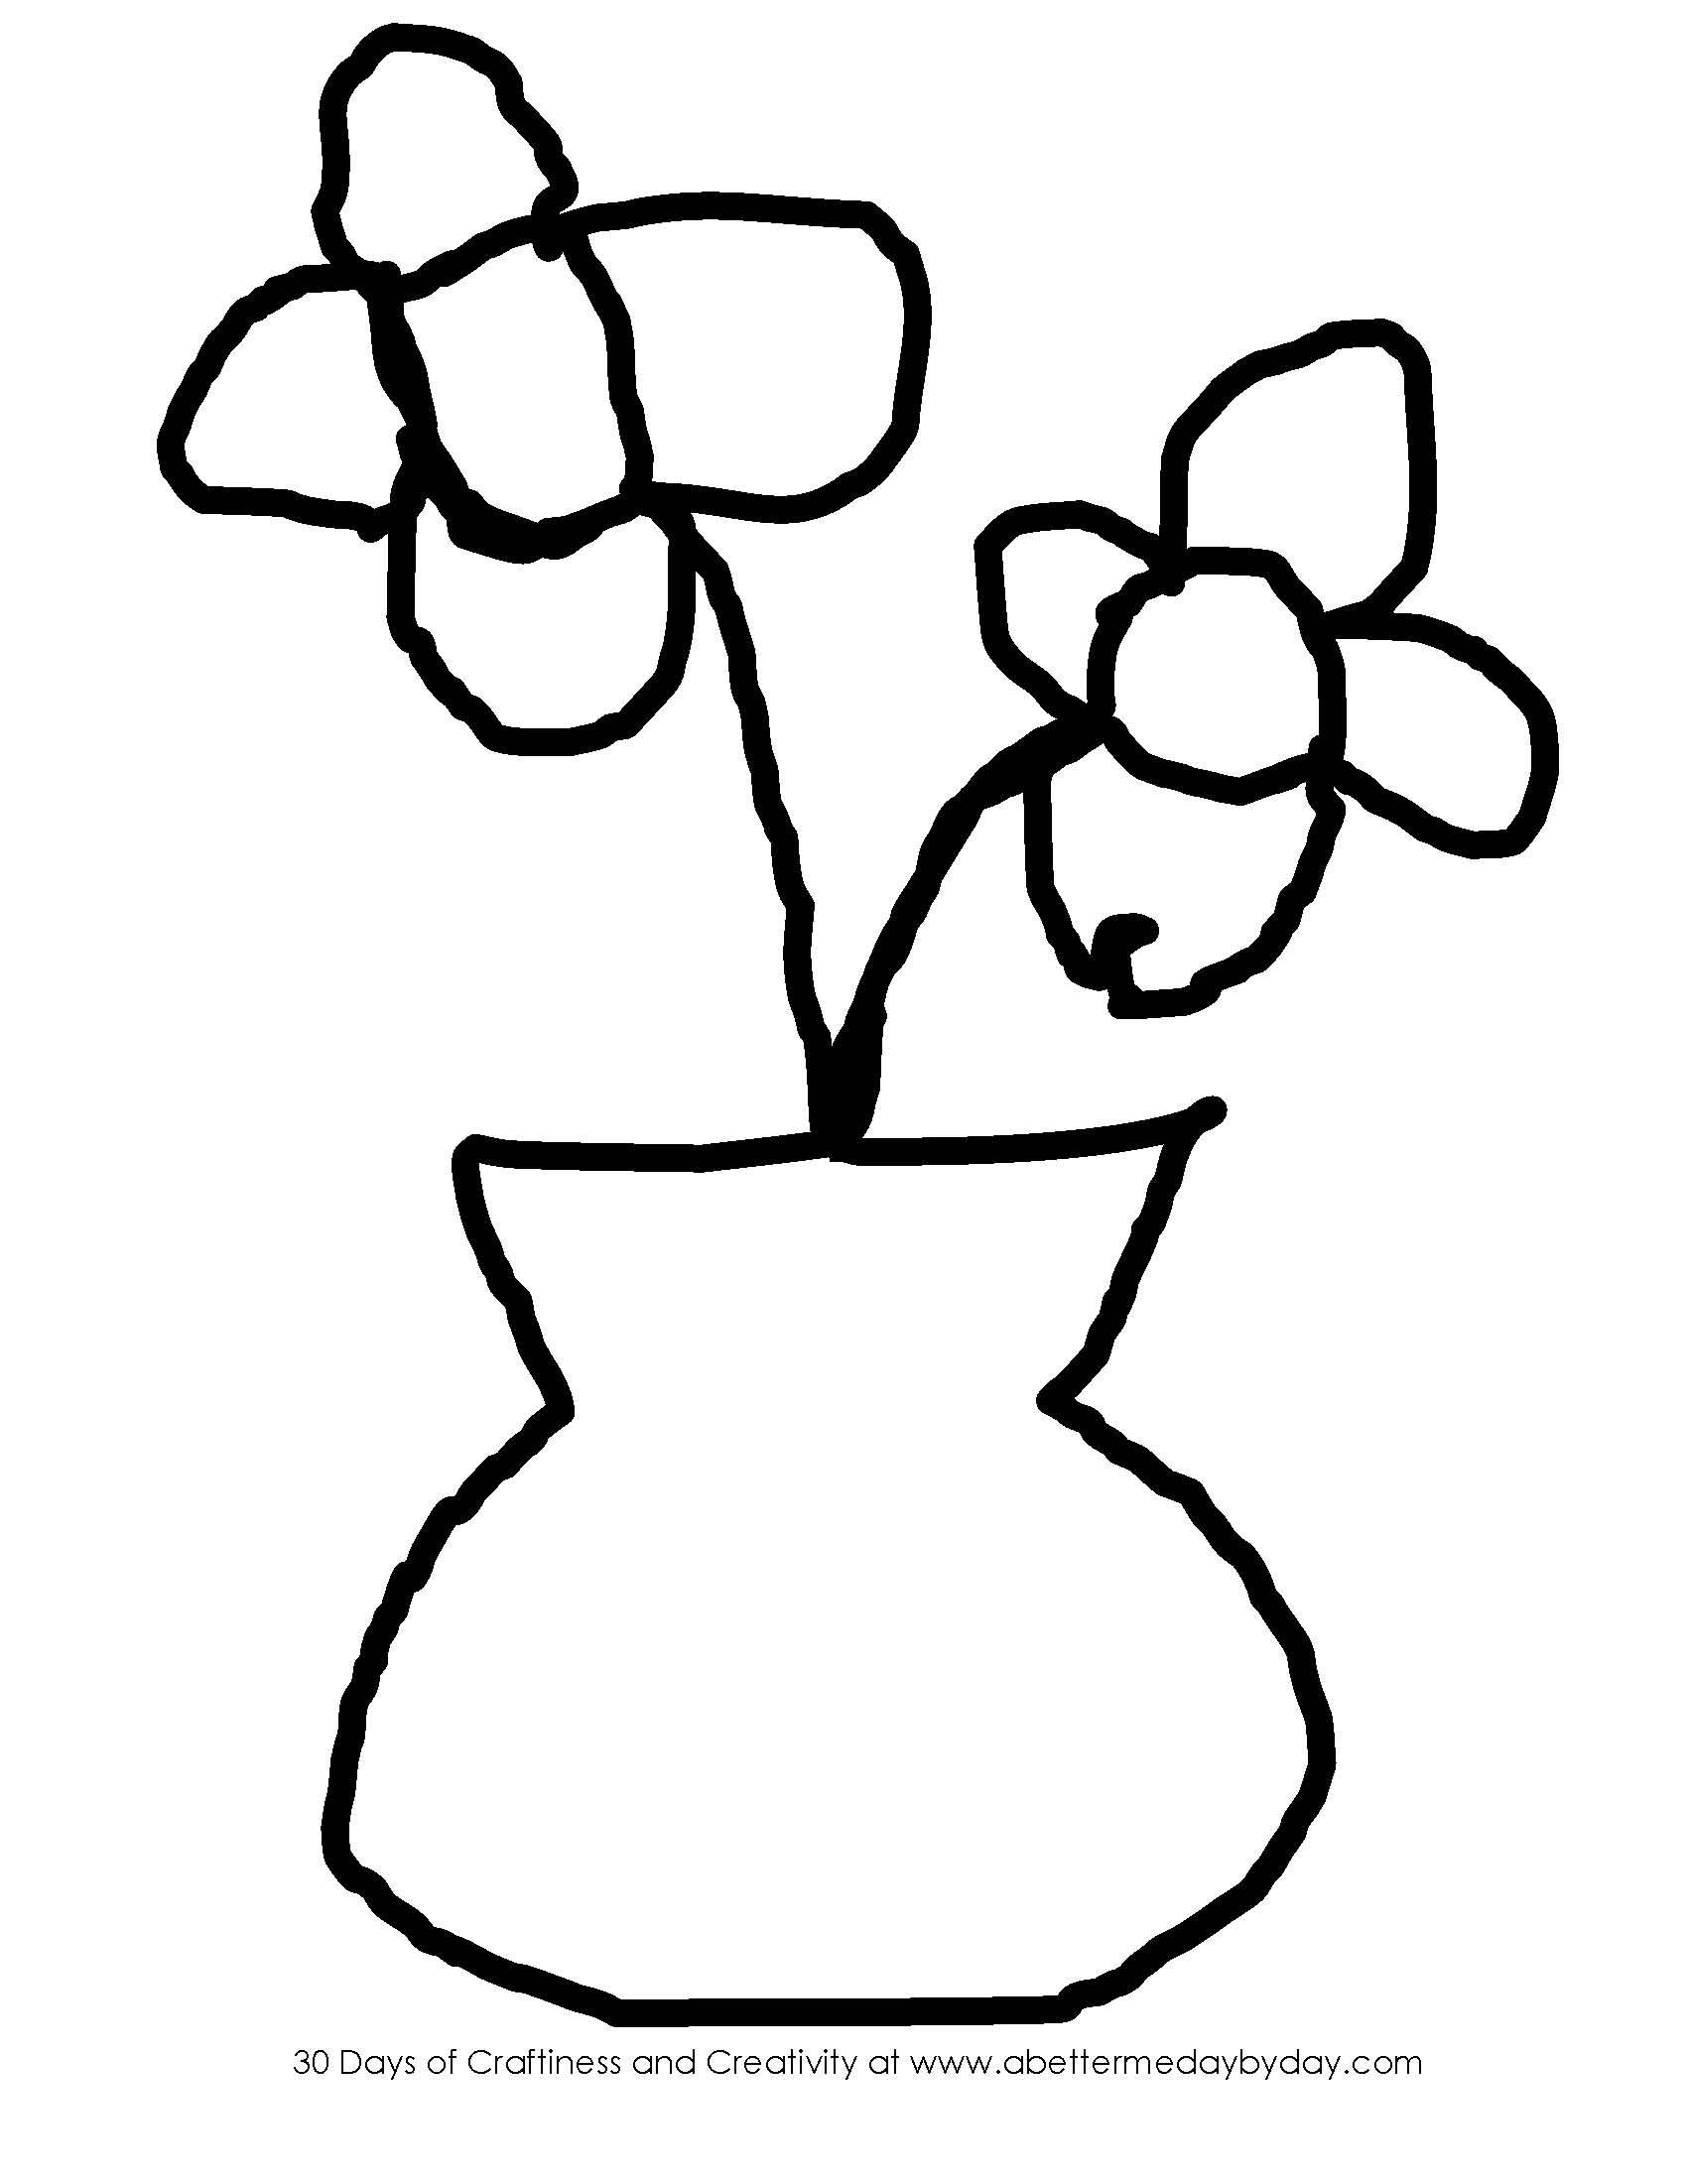 Drawn vase easy Flowers Drawings Vase Flower Easy